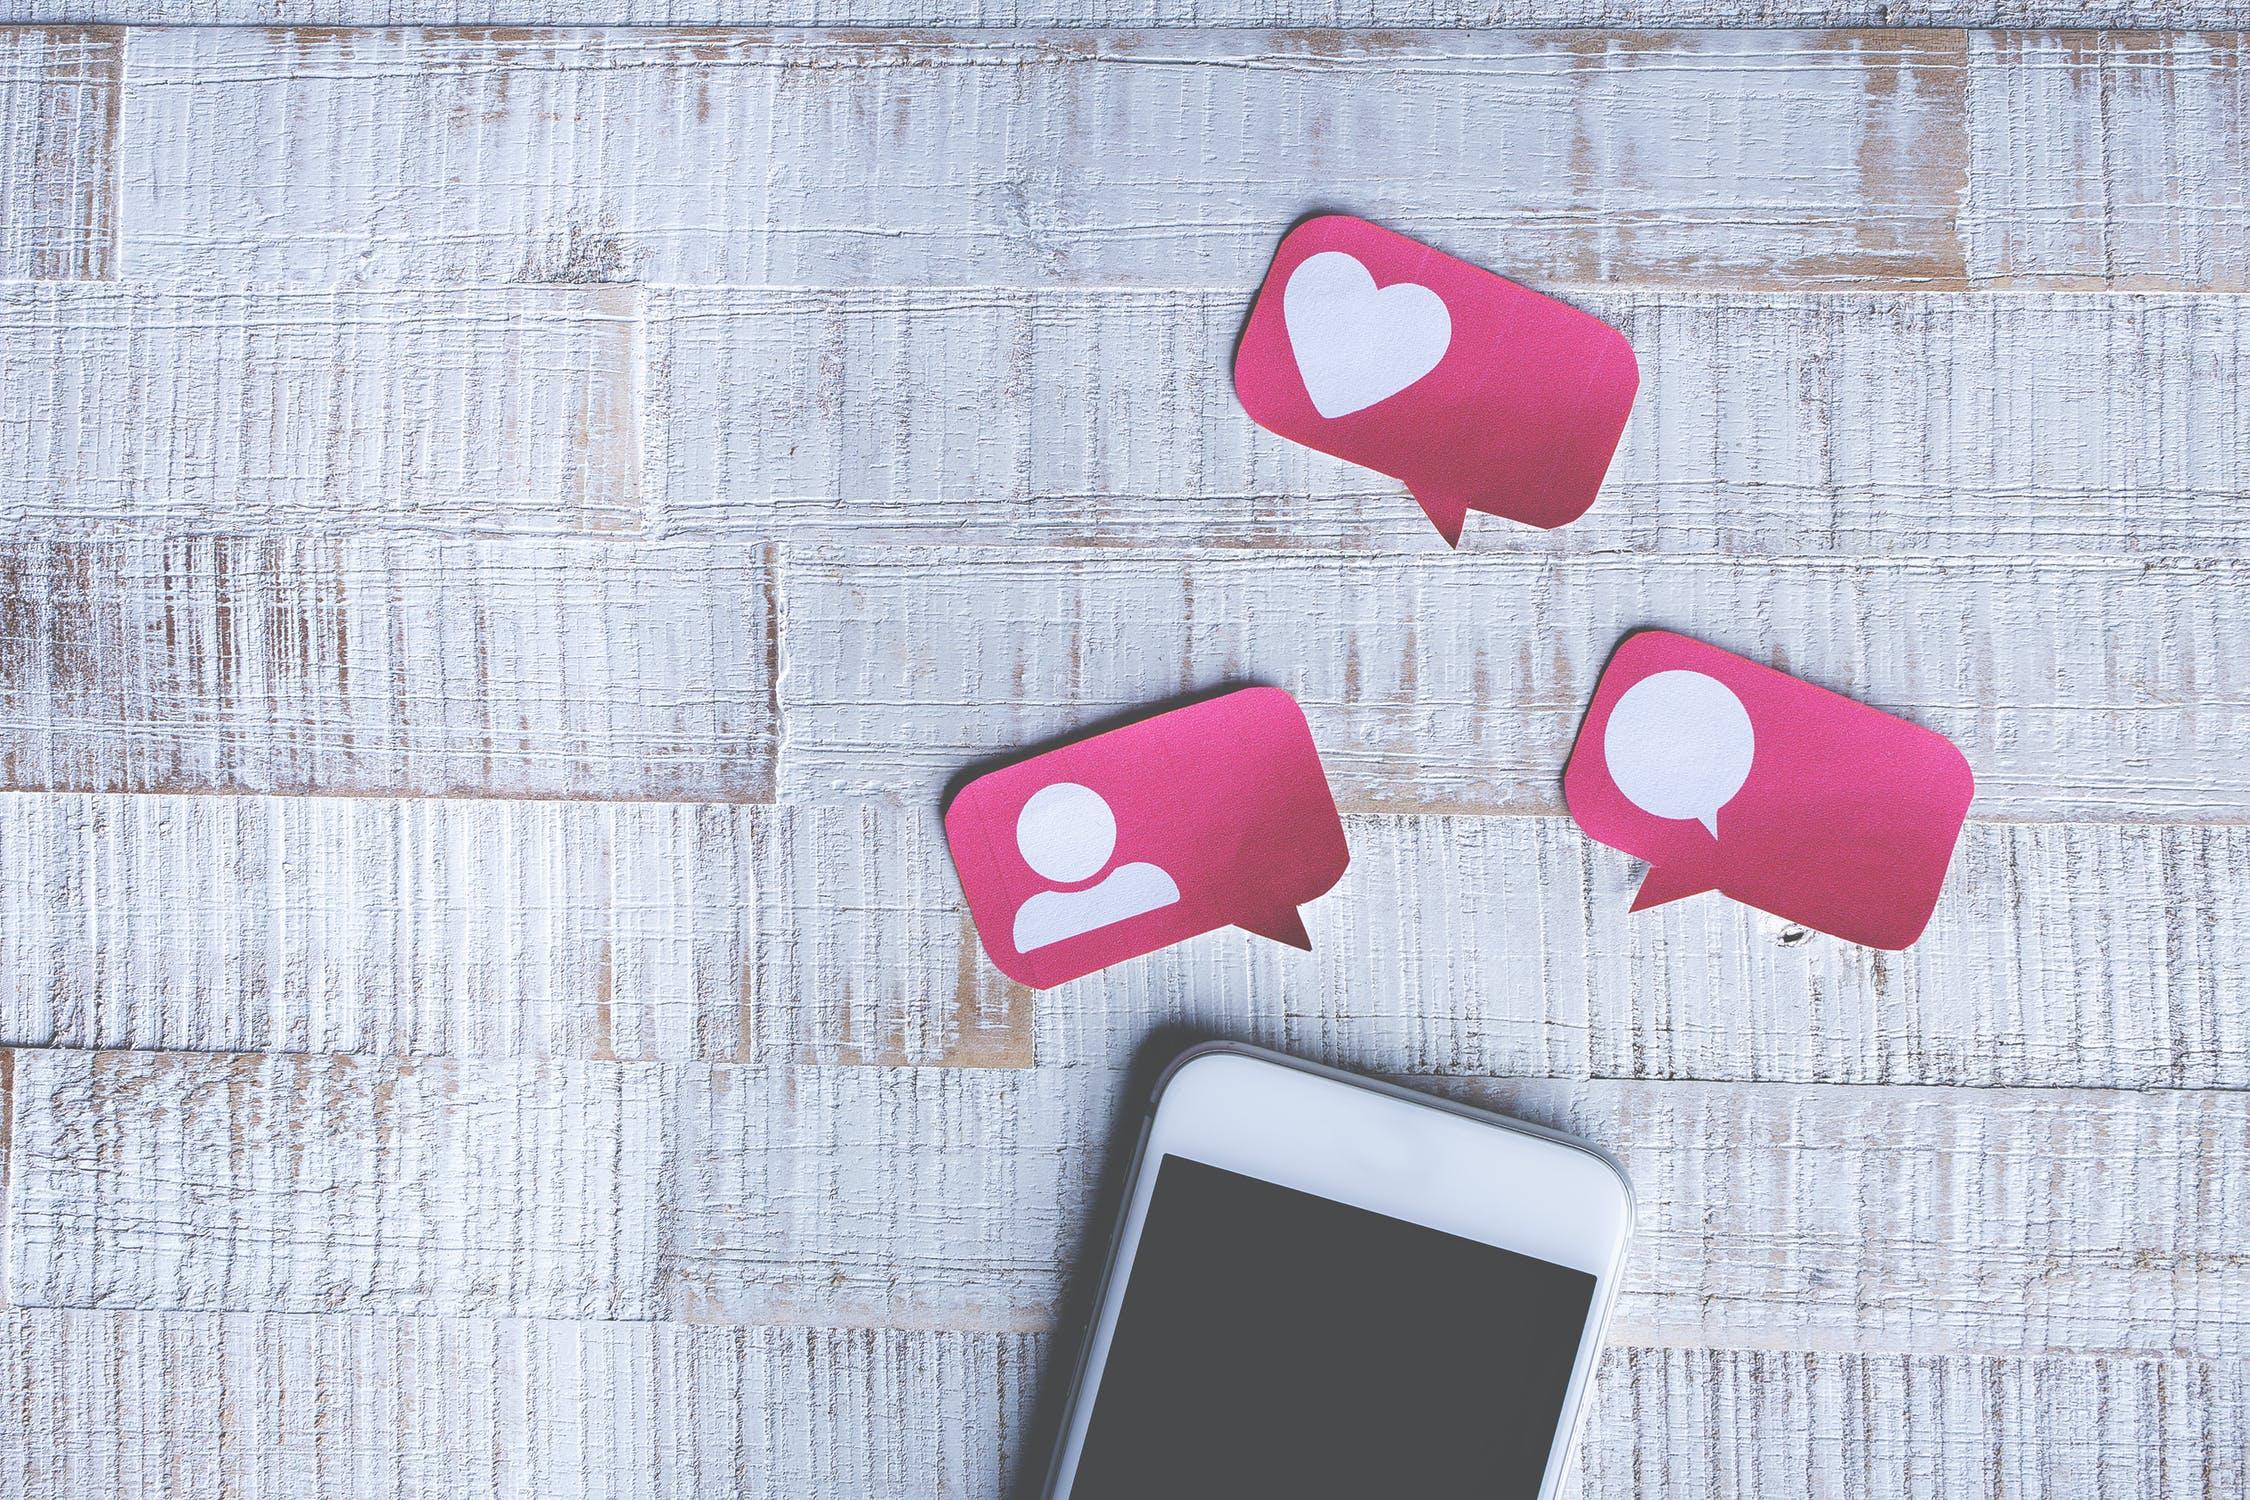 Gecici Olarak Yasaklanan Kapanan Instagram Hesabi Nasil Kurtarilir